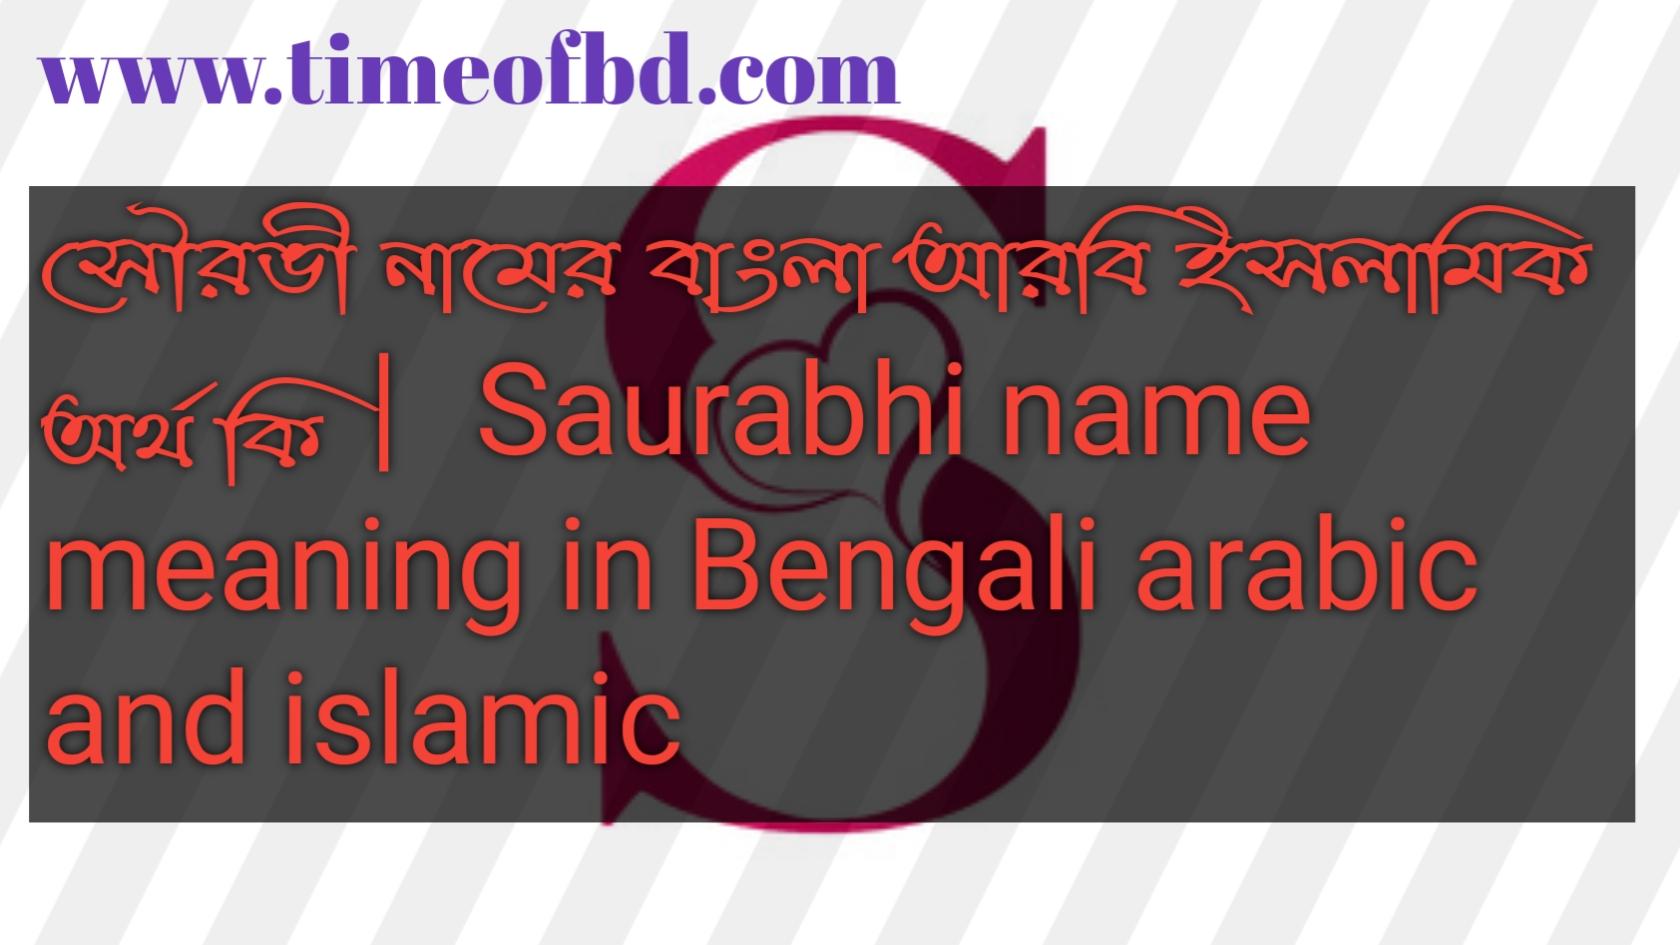 সৌরভী নামের অর্থ কি, সৌরভী নামের বাংলা অর্থ কি, সৌরভী নামের ইসলামিক অর্থ কি, Saurabhi name in Bengali, সৌরভী কি ইসলামিক নাম,